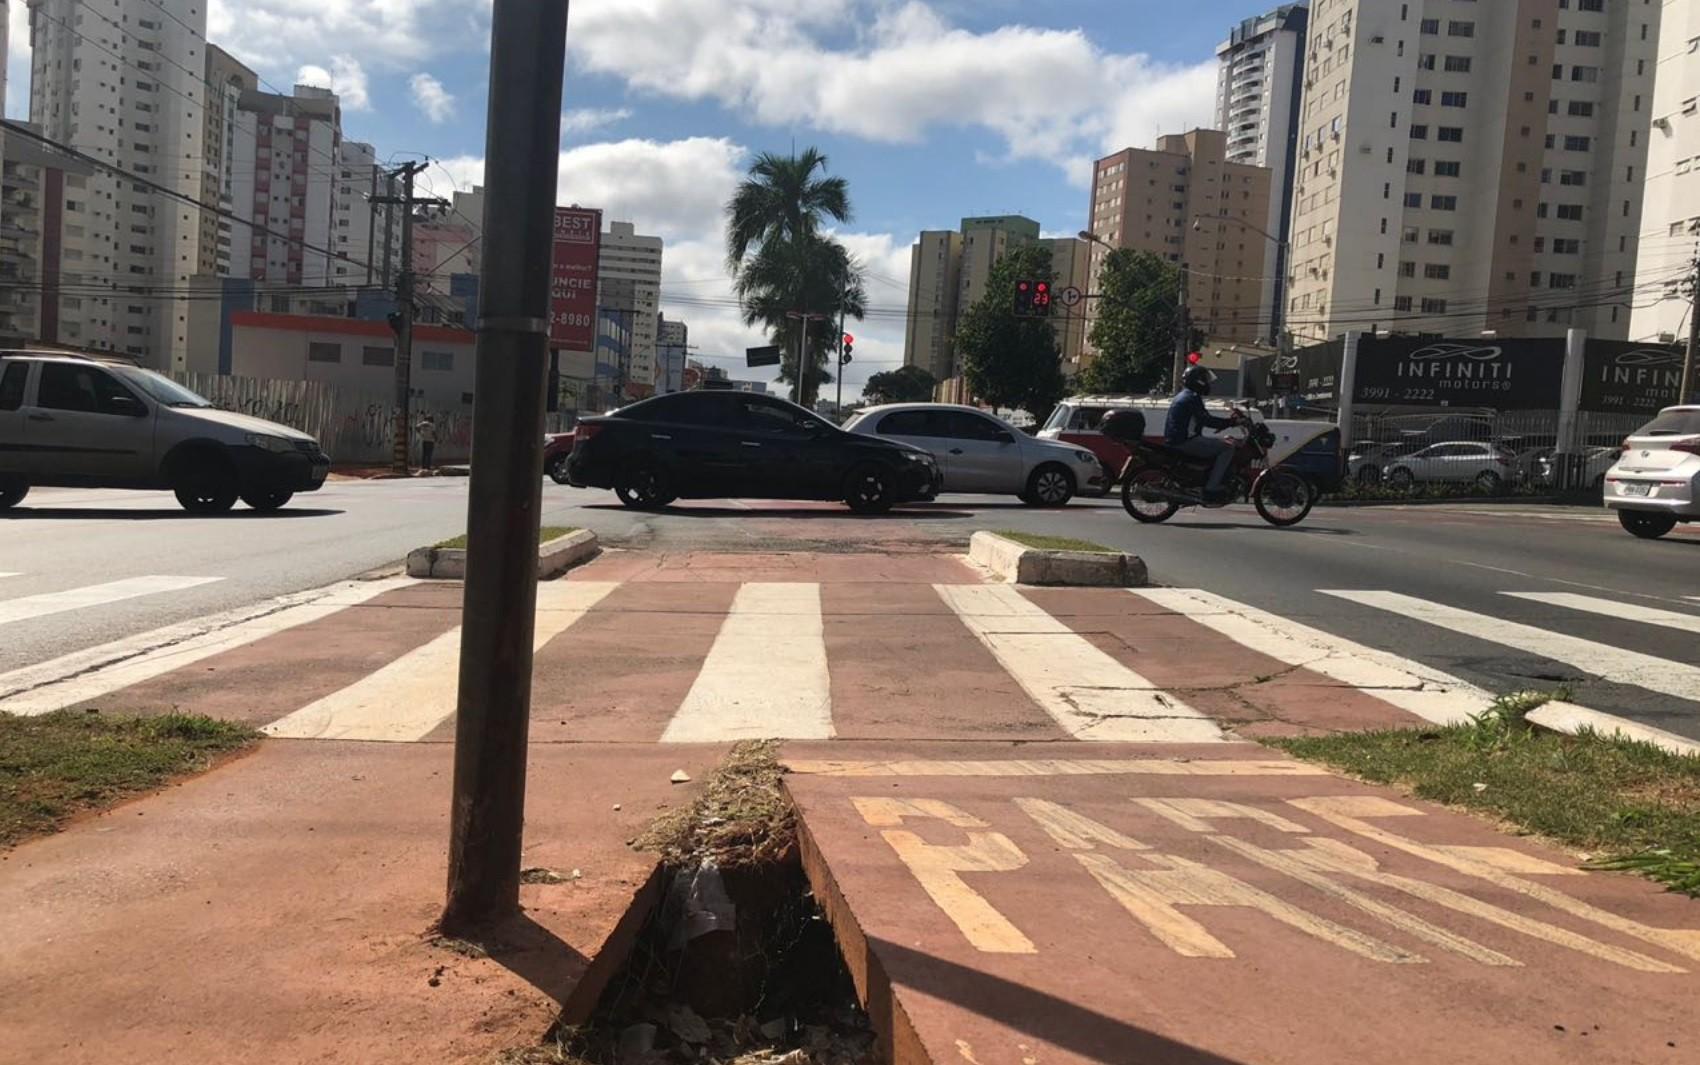 Ciclistas avaliam bicicletas compartilhadas de Goiânia como bom recurso, mas pedem mudanças na cultura do trânsito